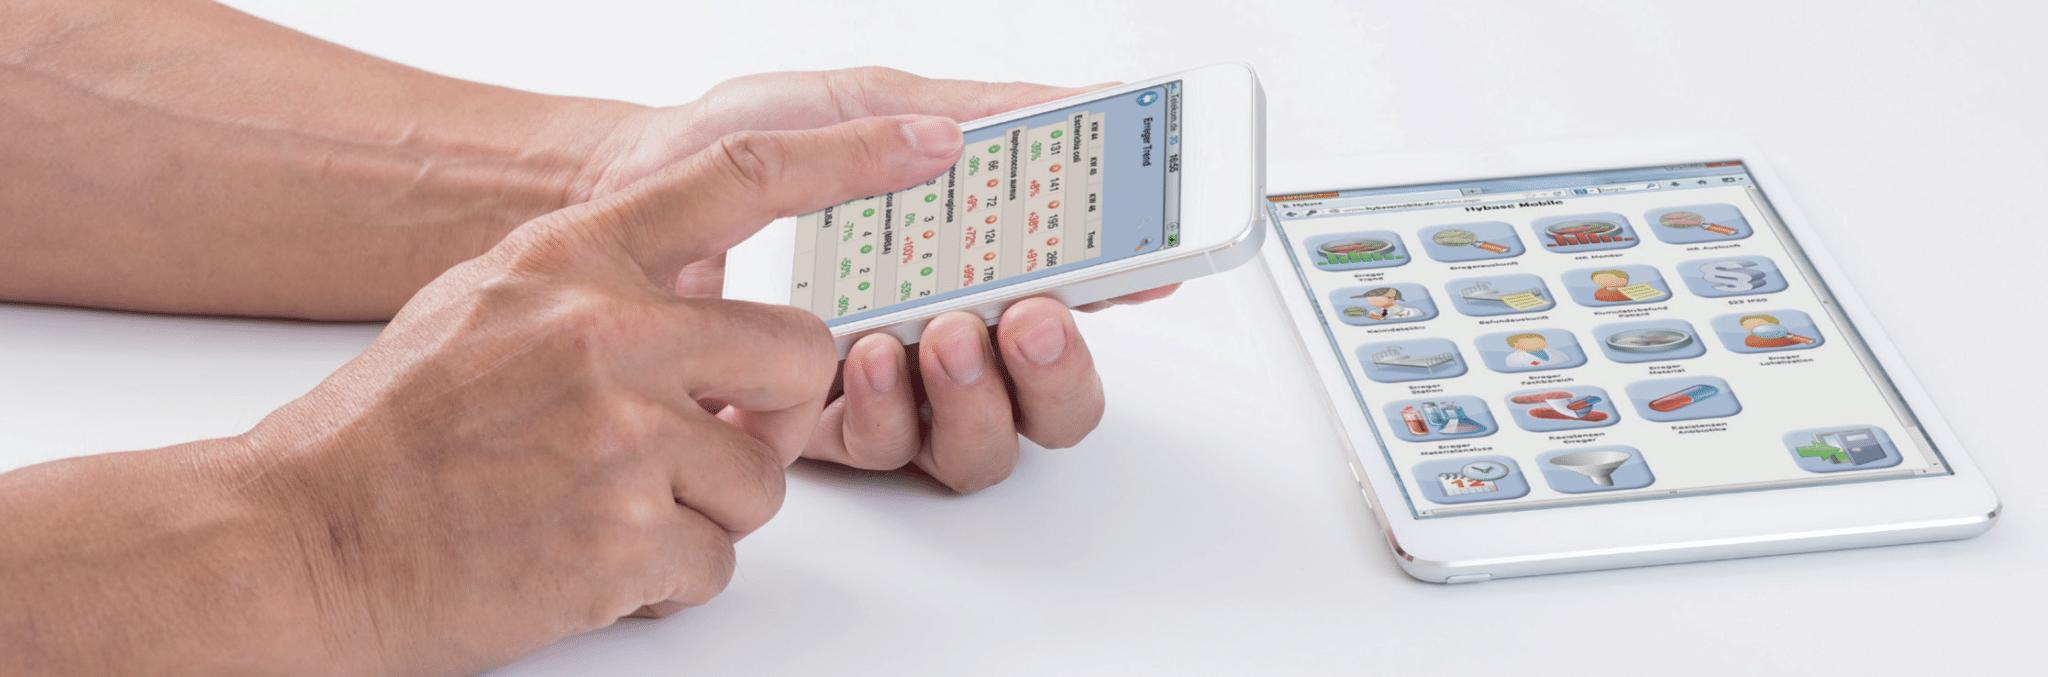 Hybase mobile iPad und Phone in Hand